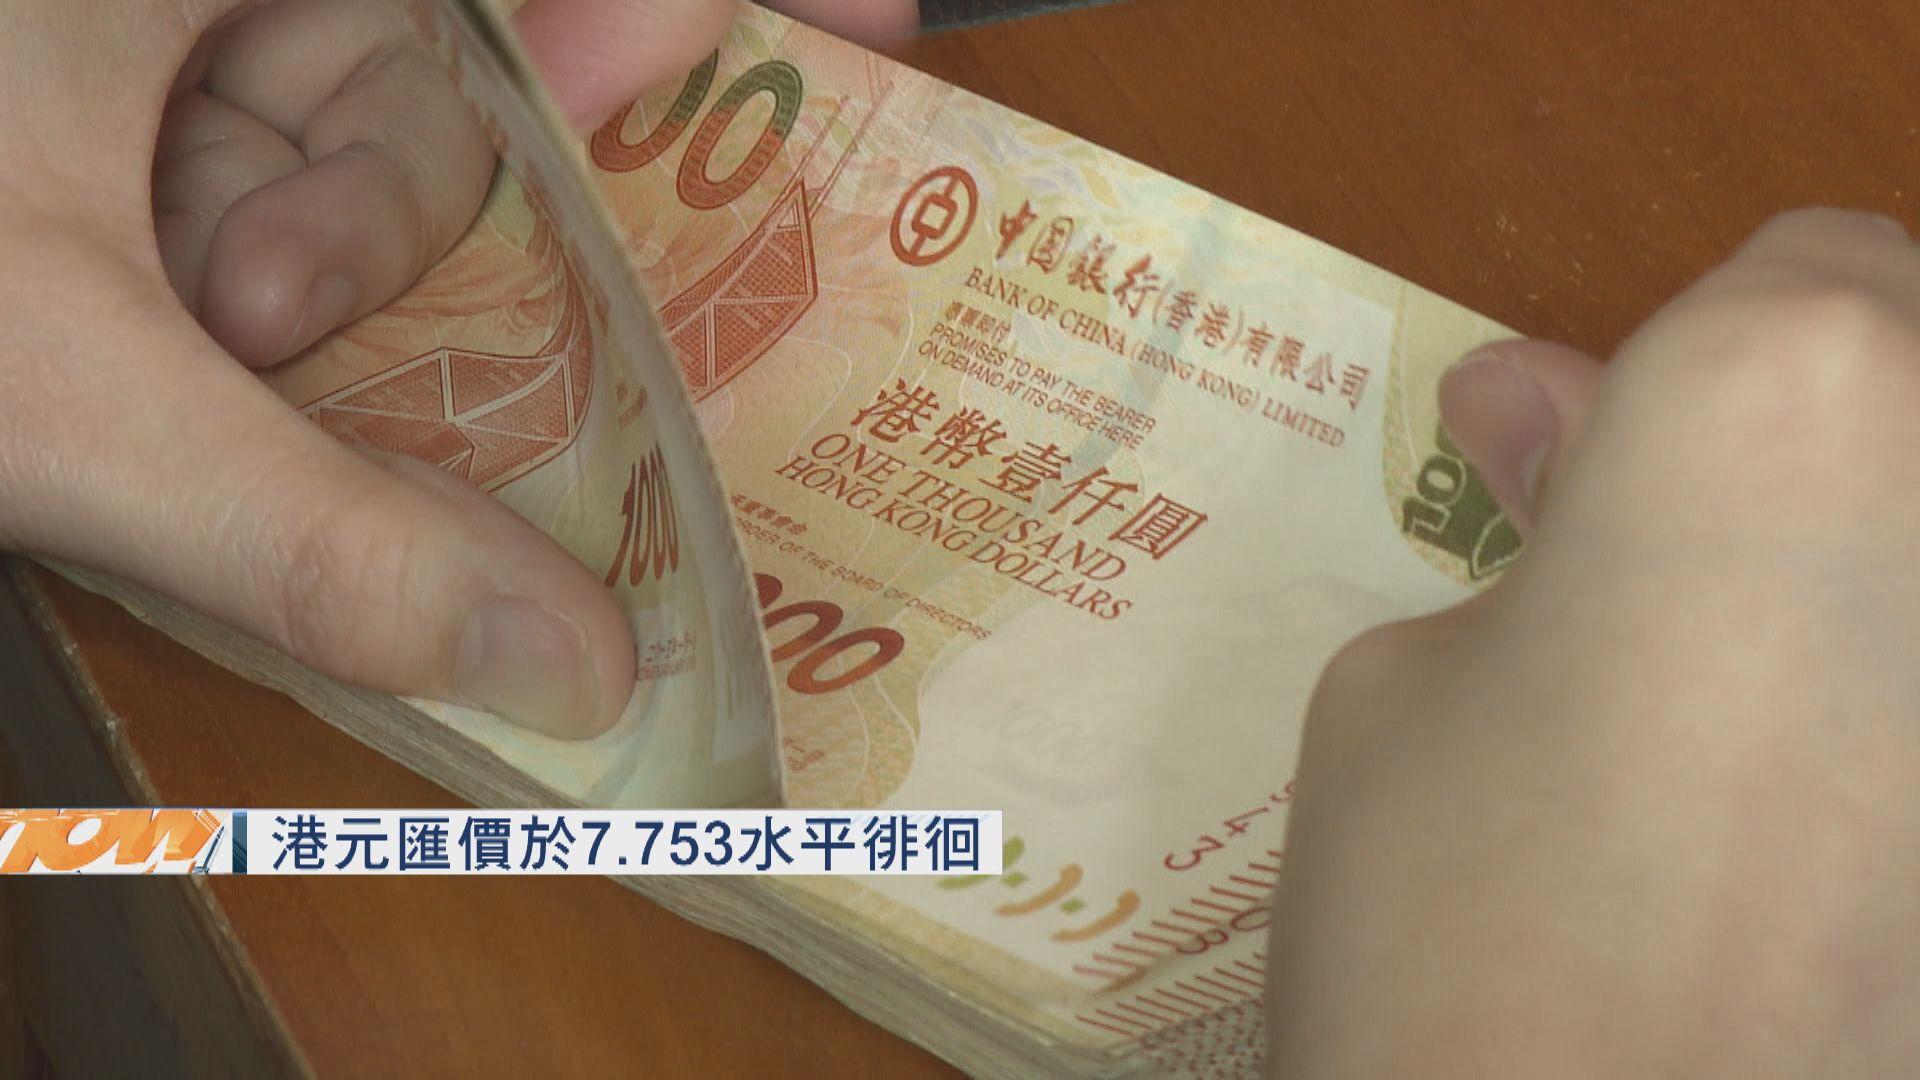 港元匯價於7.753水平徘徊